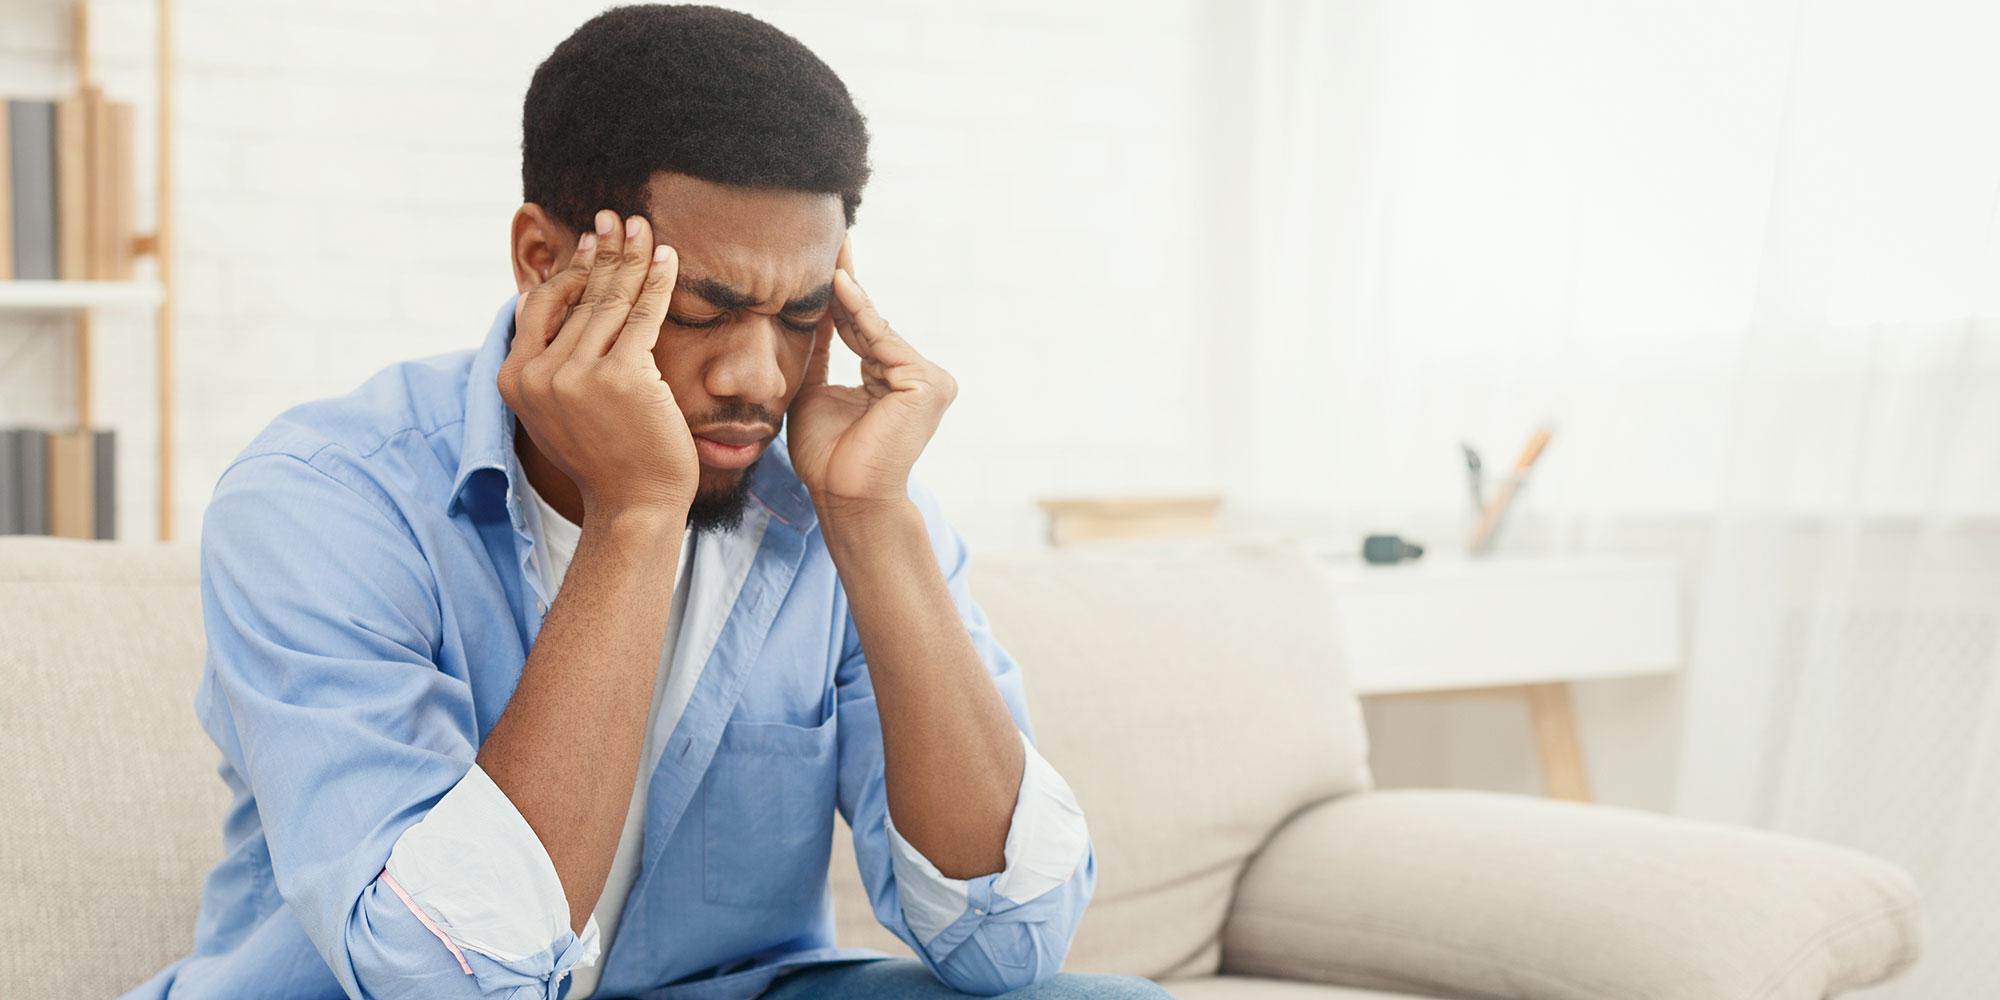 Headache when fasting